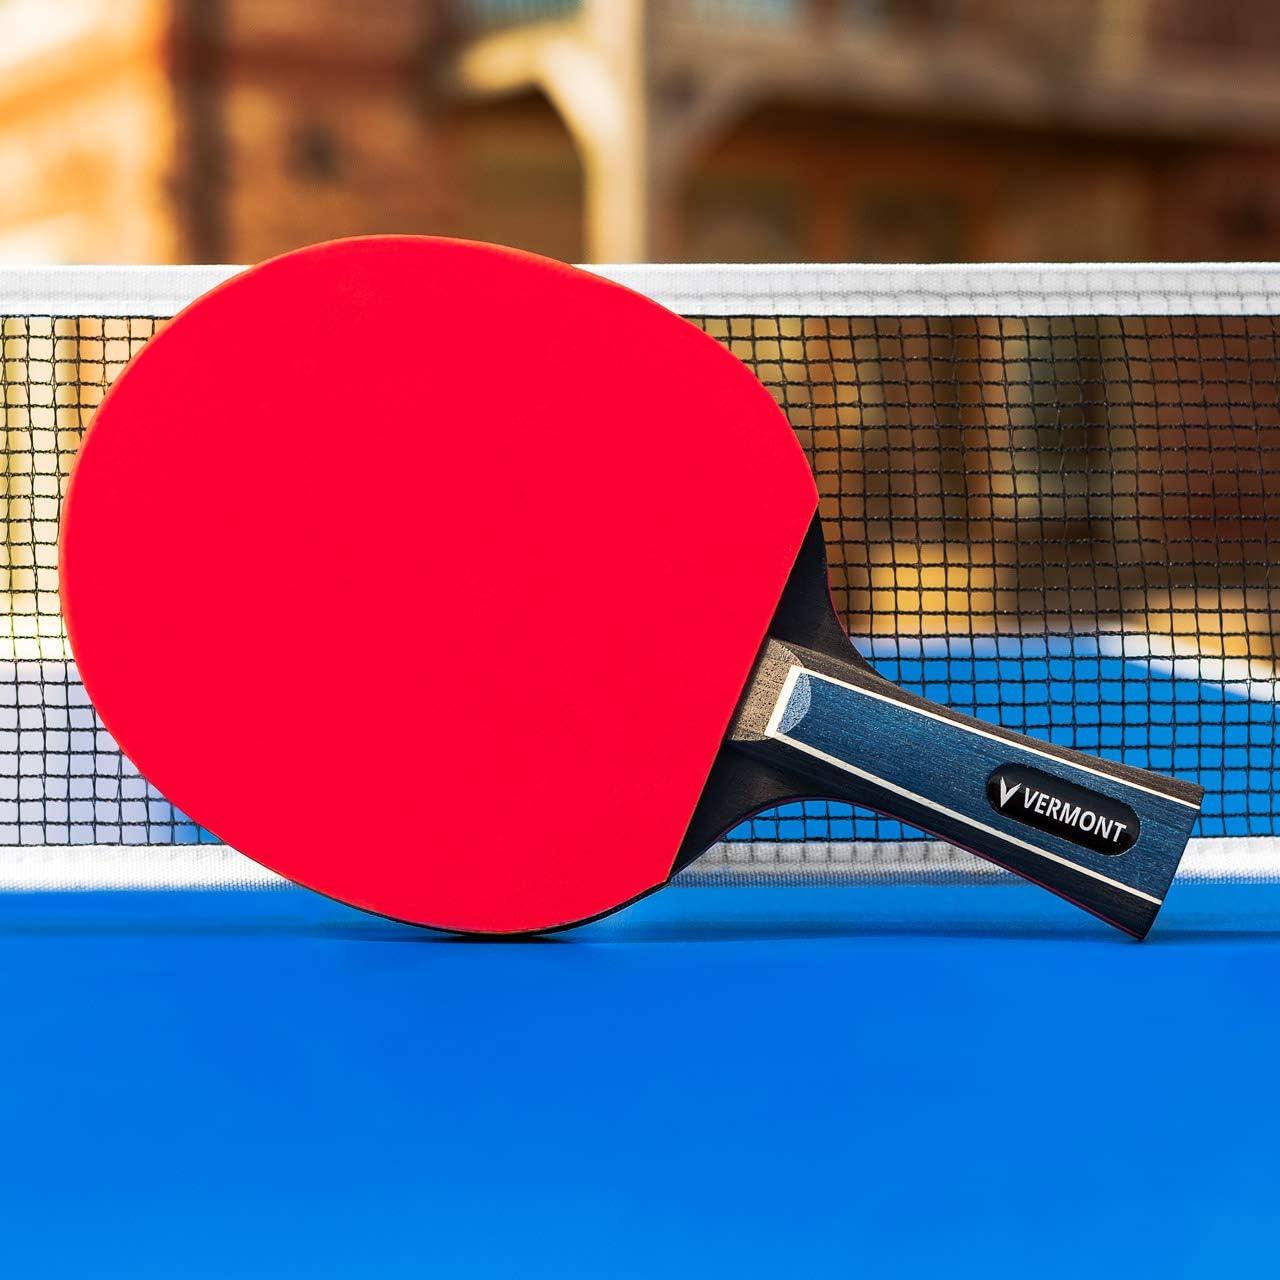 Vermont Raquetas de Tenis de Mesa Palas de Ping Pong Aprobadas por la ITTF | Raqueta de Ping Pong Profesional con 7 o 8 Capas | con Estuche de Transporte